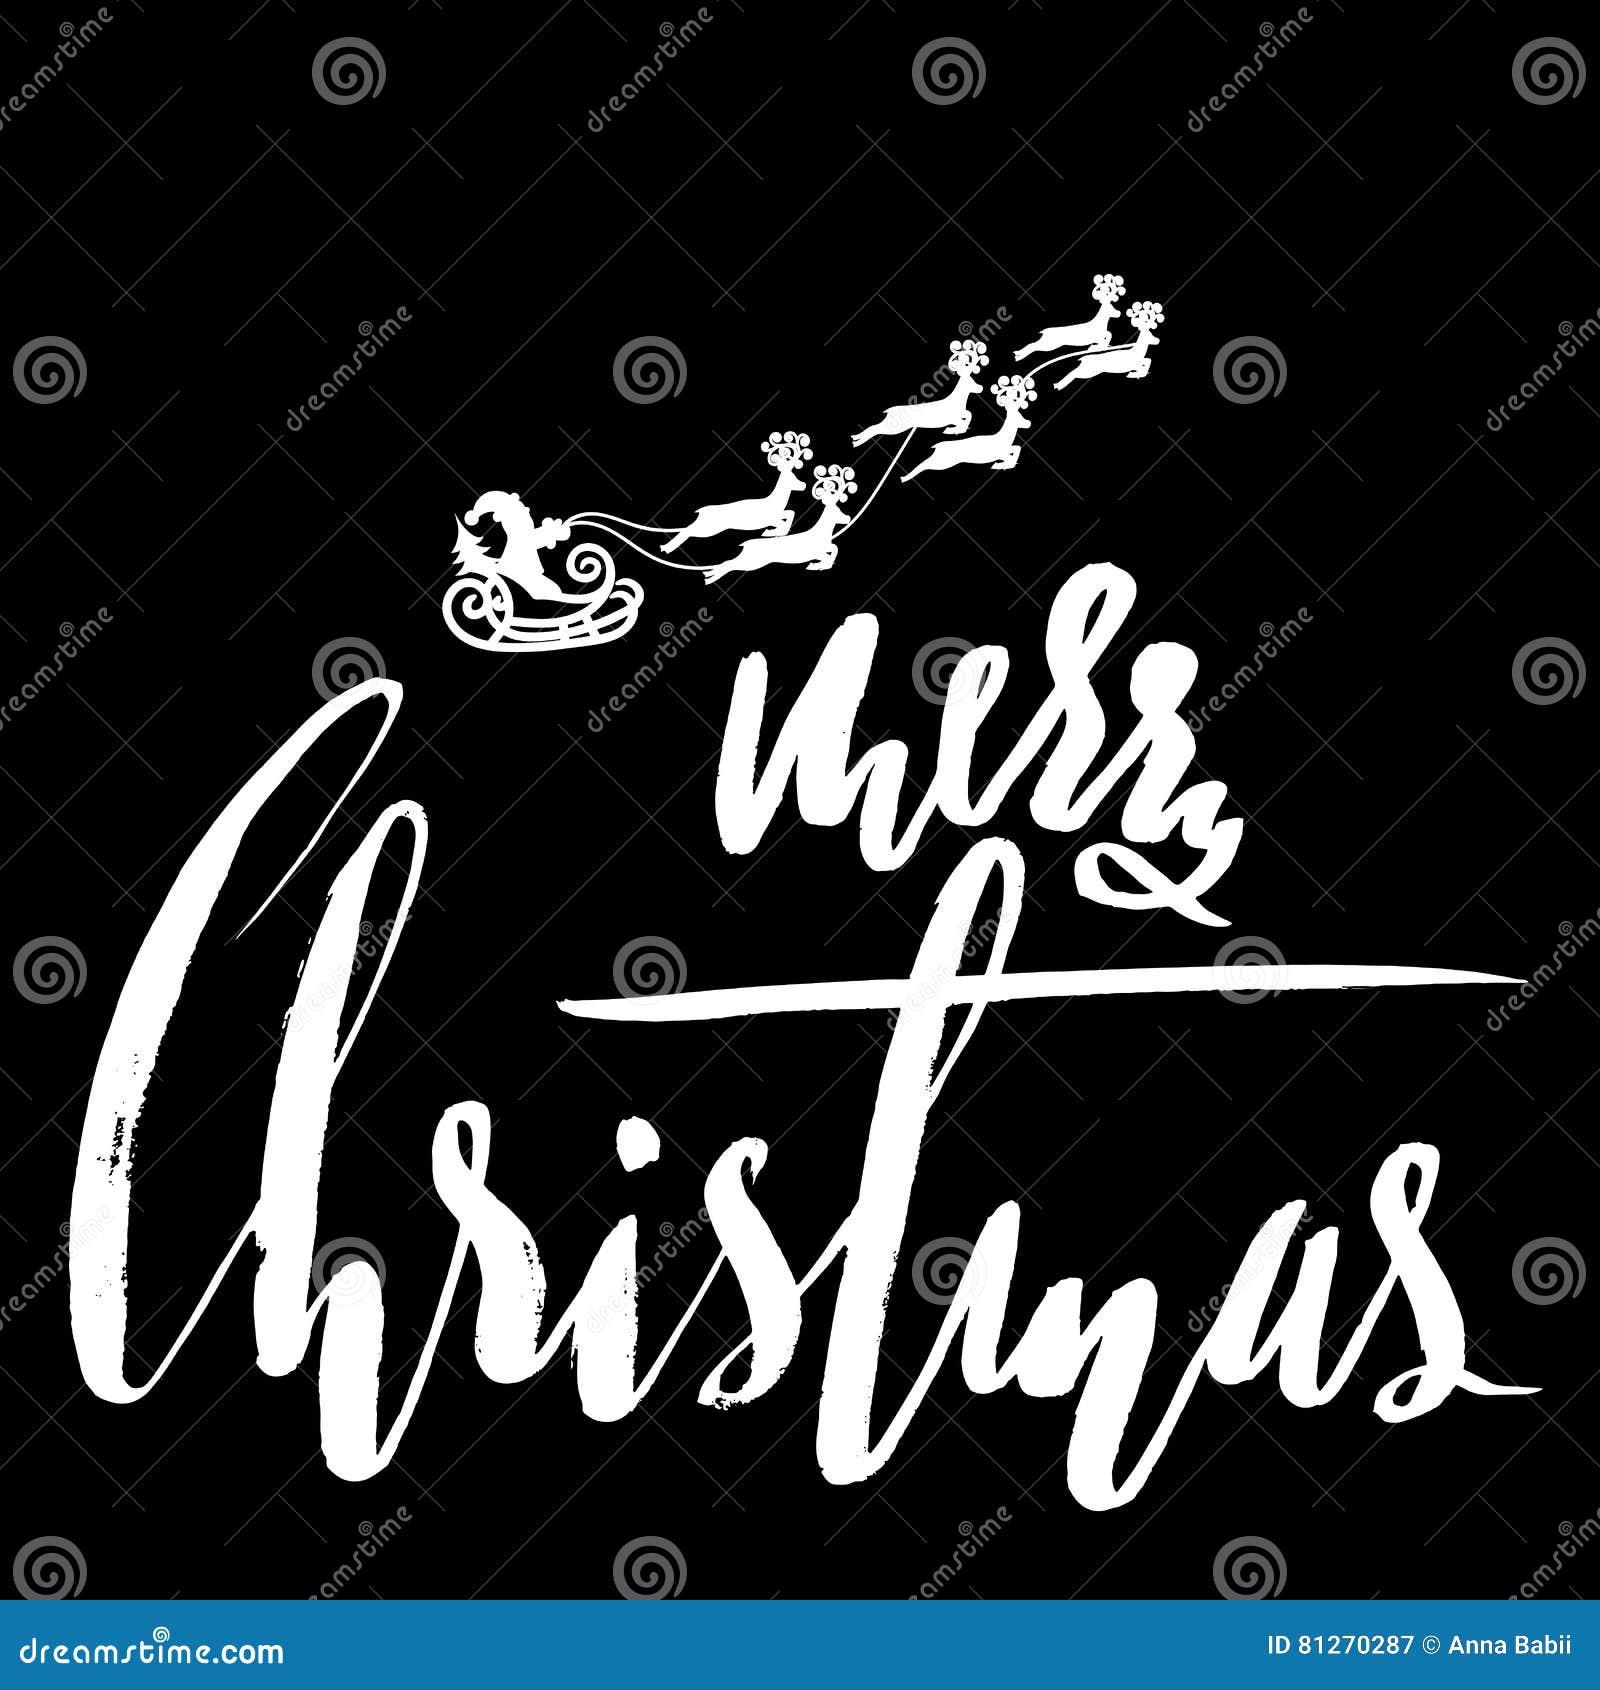 Weihnachtsgrüße Klassisch.Klassische Briefgestaltung Für Weihnachtsgrüße Santa Claus Die